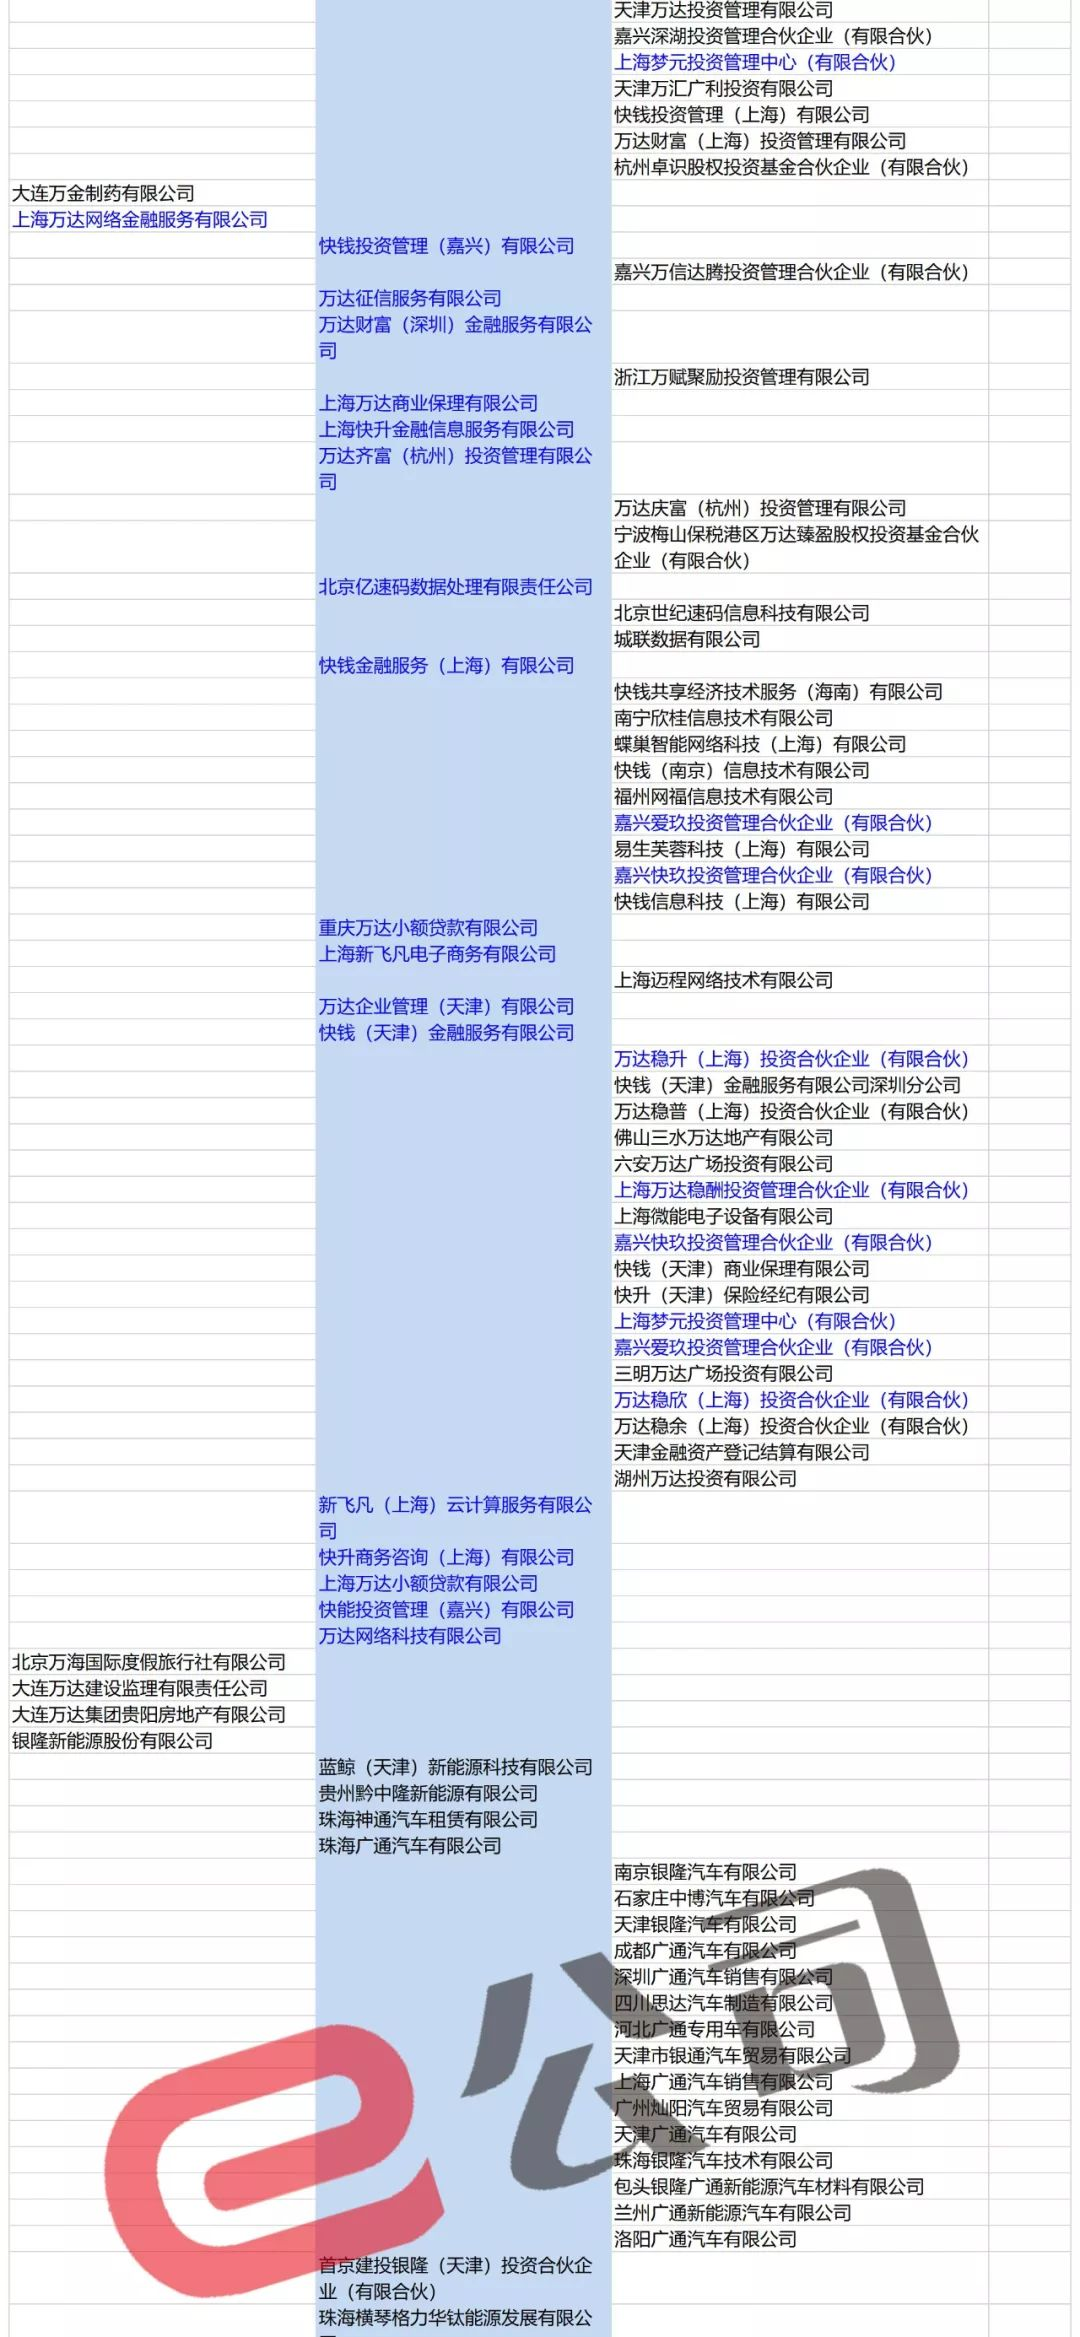 王思聪投资版图有多大?几十张图表放不下